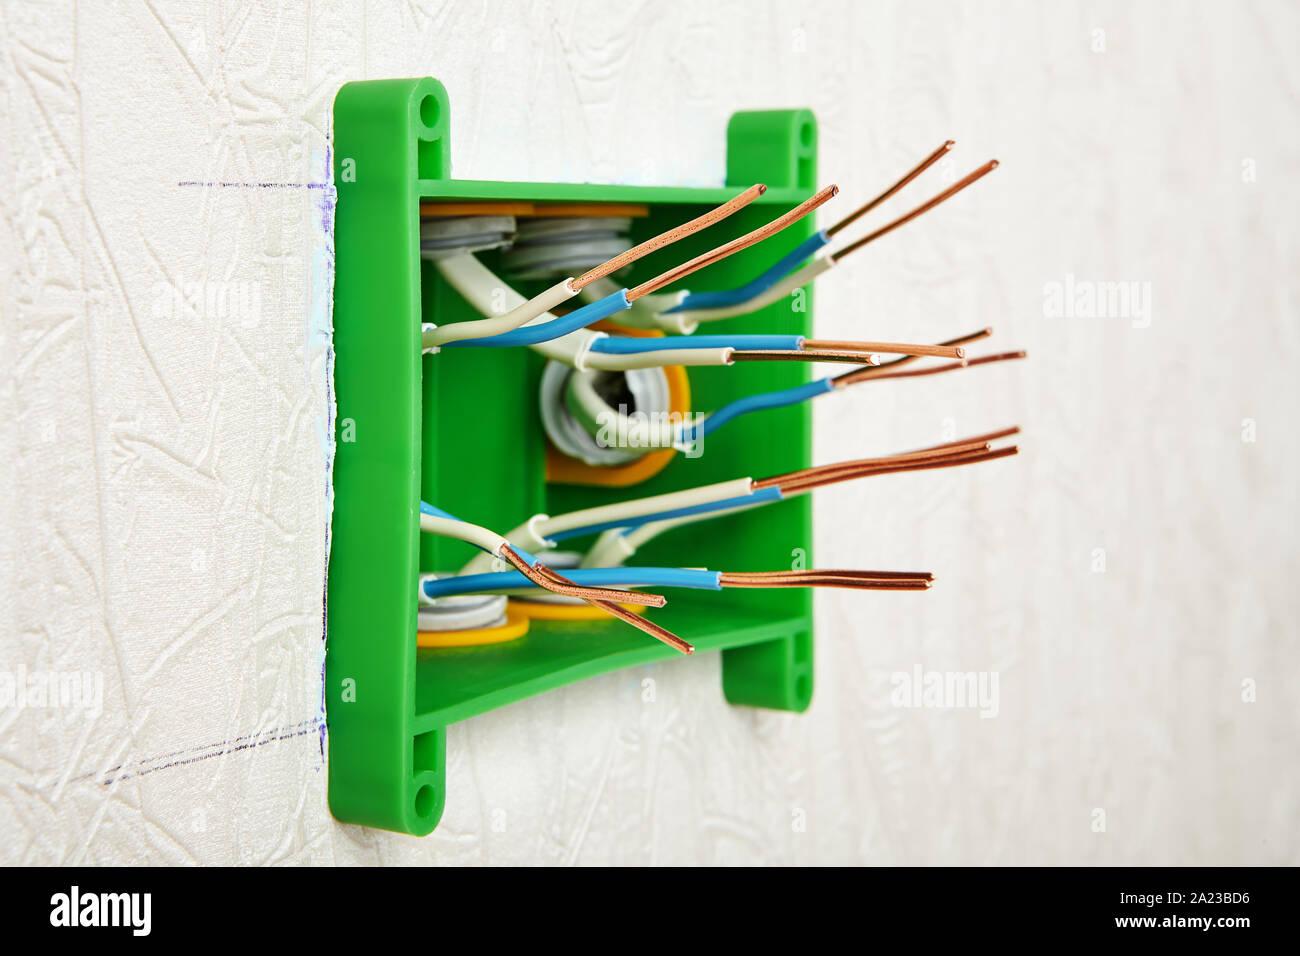 Boite Cache Prise Electrique installation murale d'une boîte de jonction électrique en